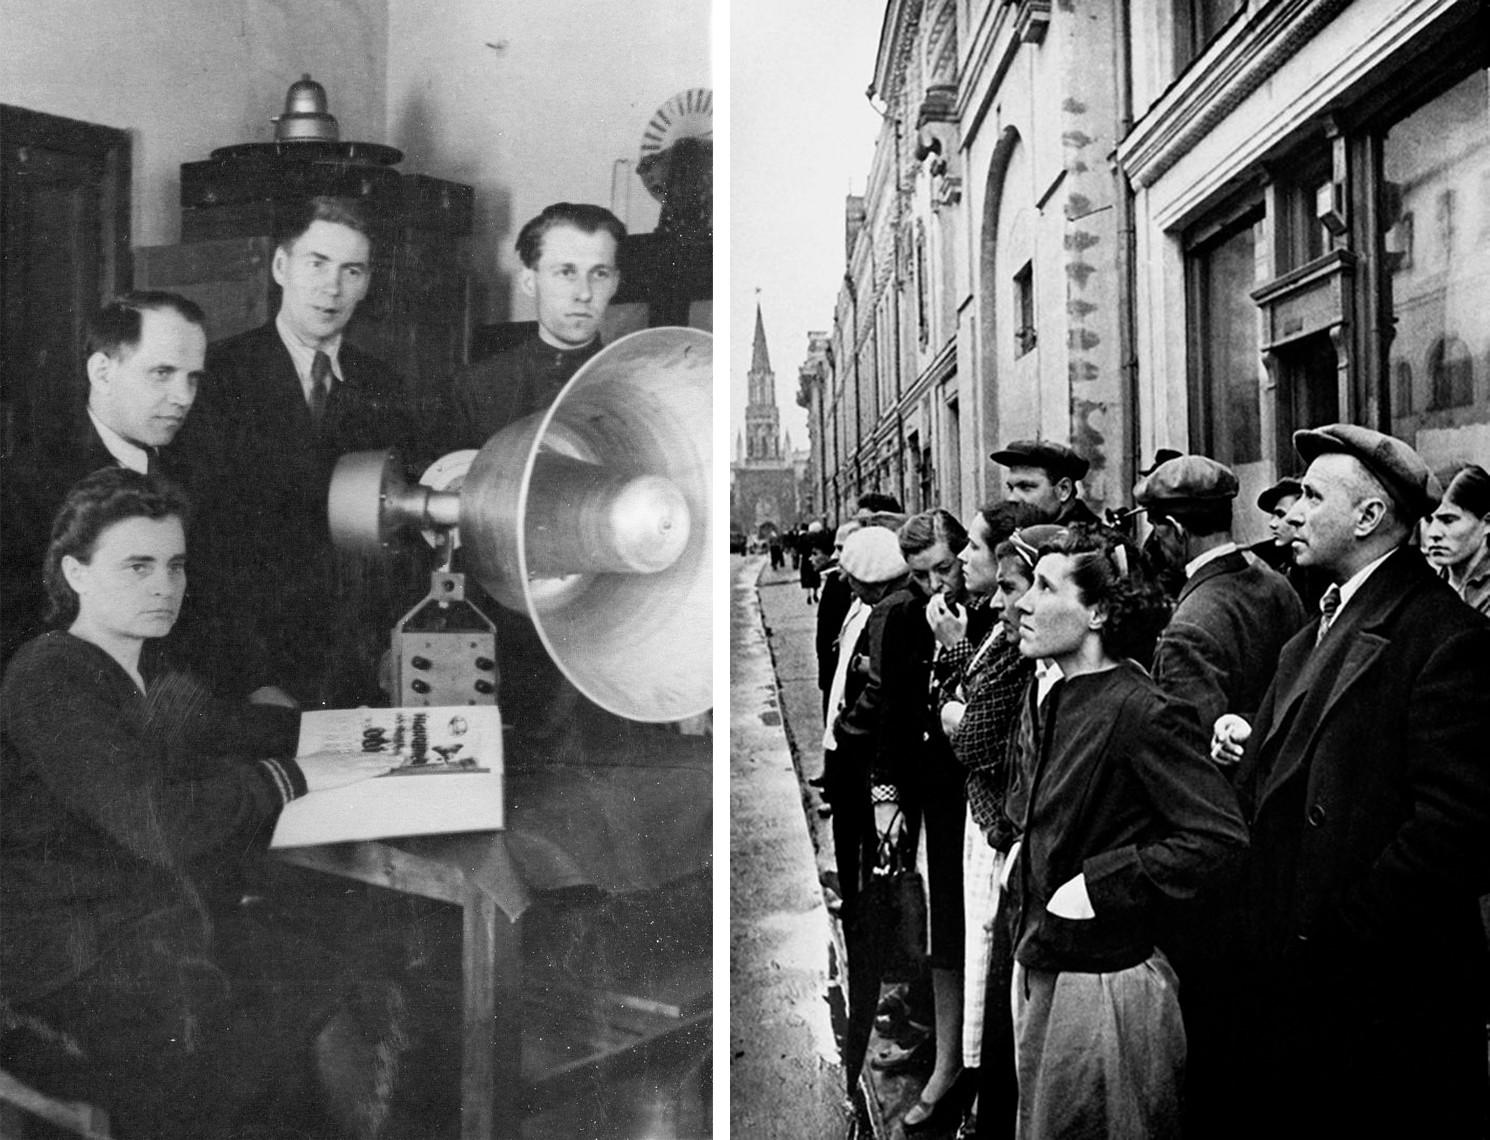 Слева: рупорные громкоговорители; справа: объявление о начале Великой Отечественной войны, Улица 25-го Октября (Сейчас Никольская)